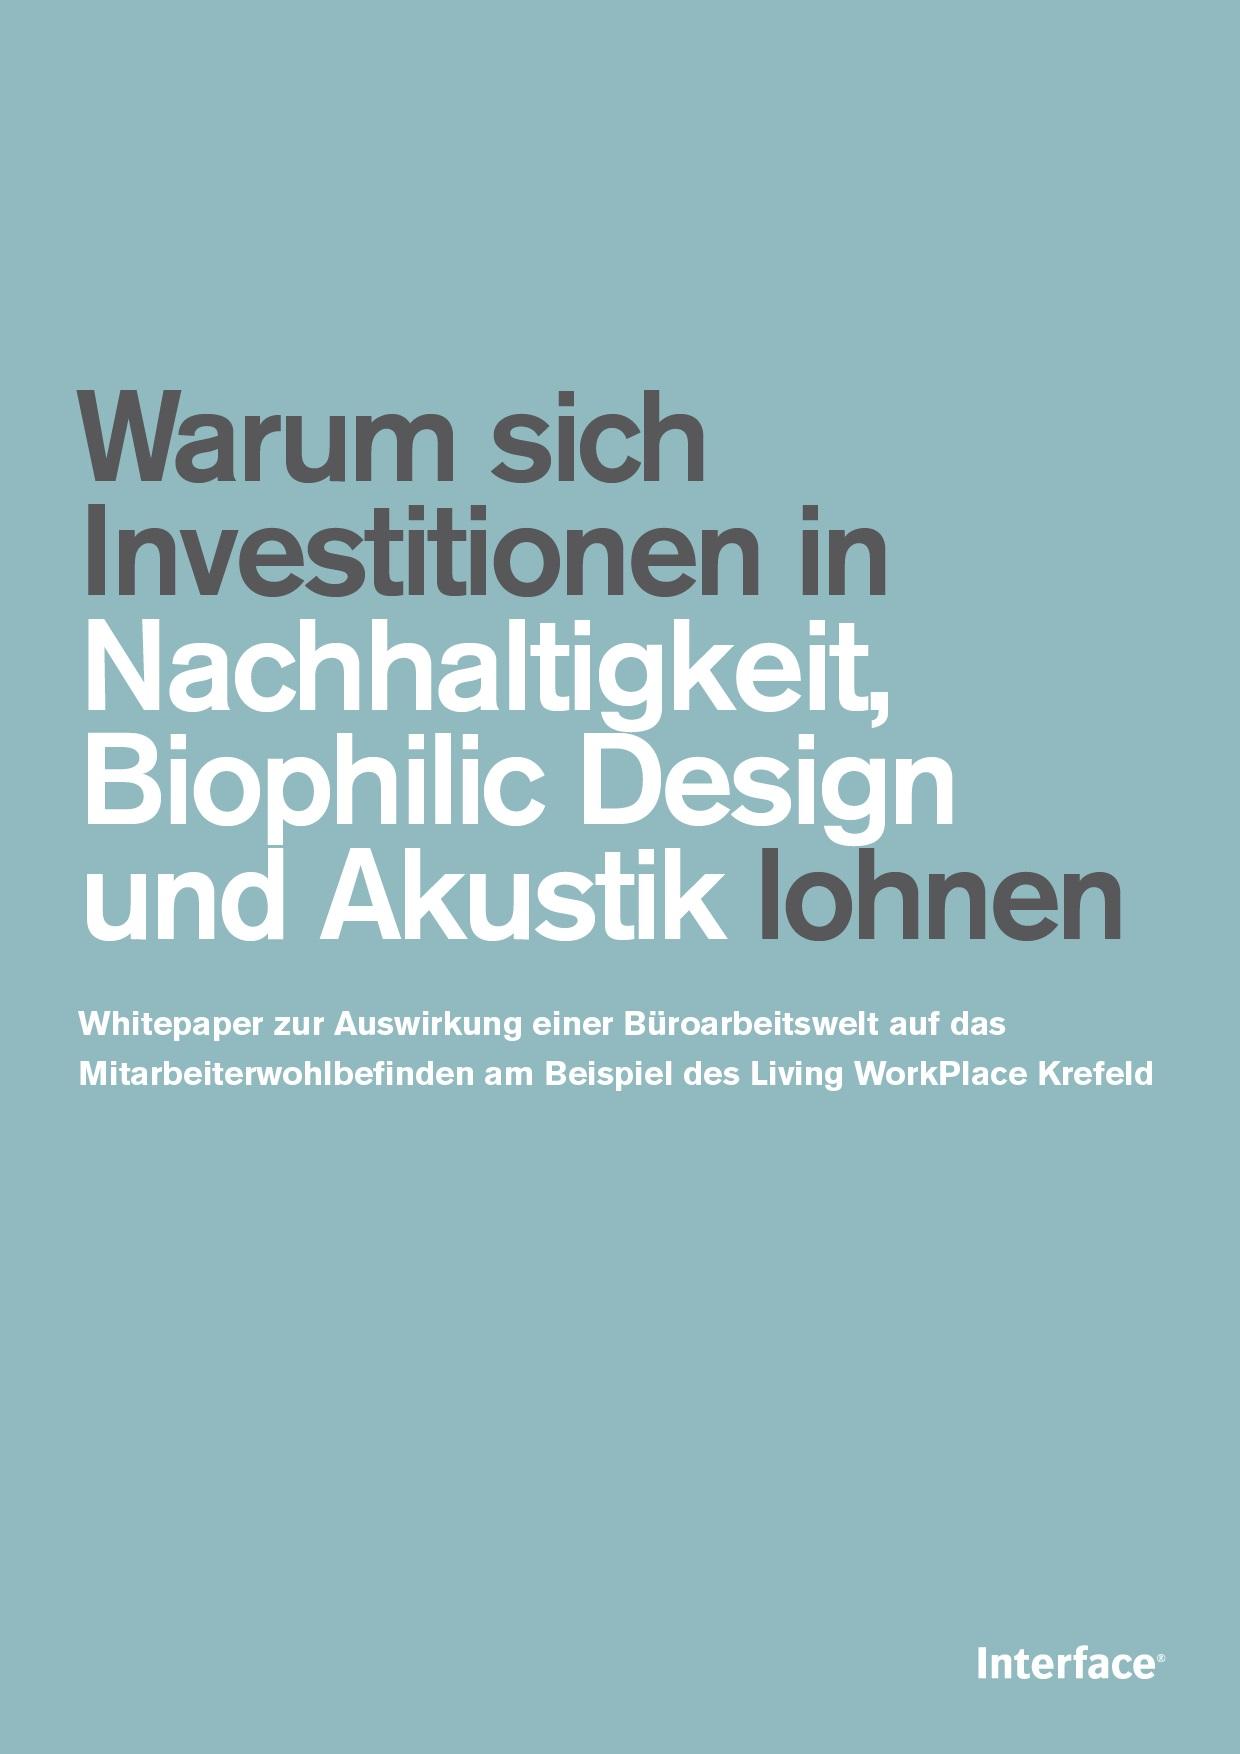 Studie: Warum sich Investitionen in Nachhaltigkeit, Biophilic Design und Akustik lohnen